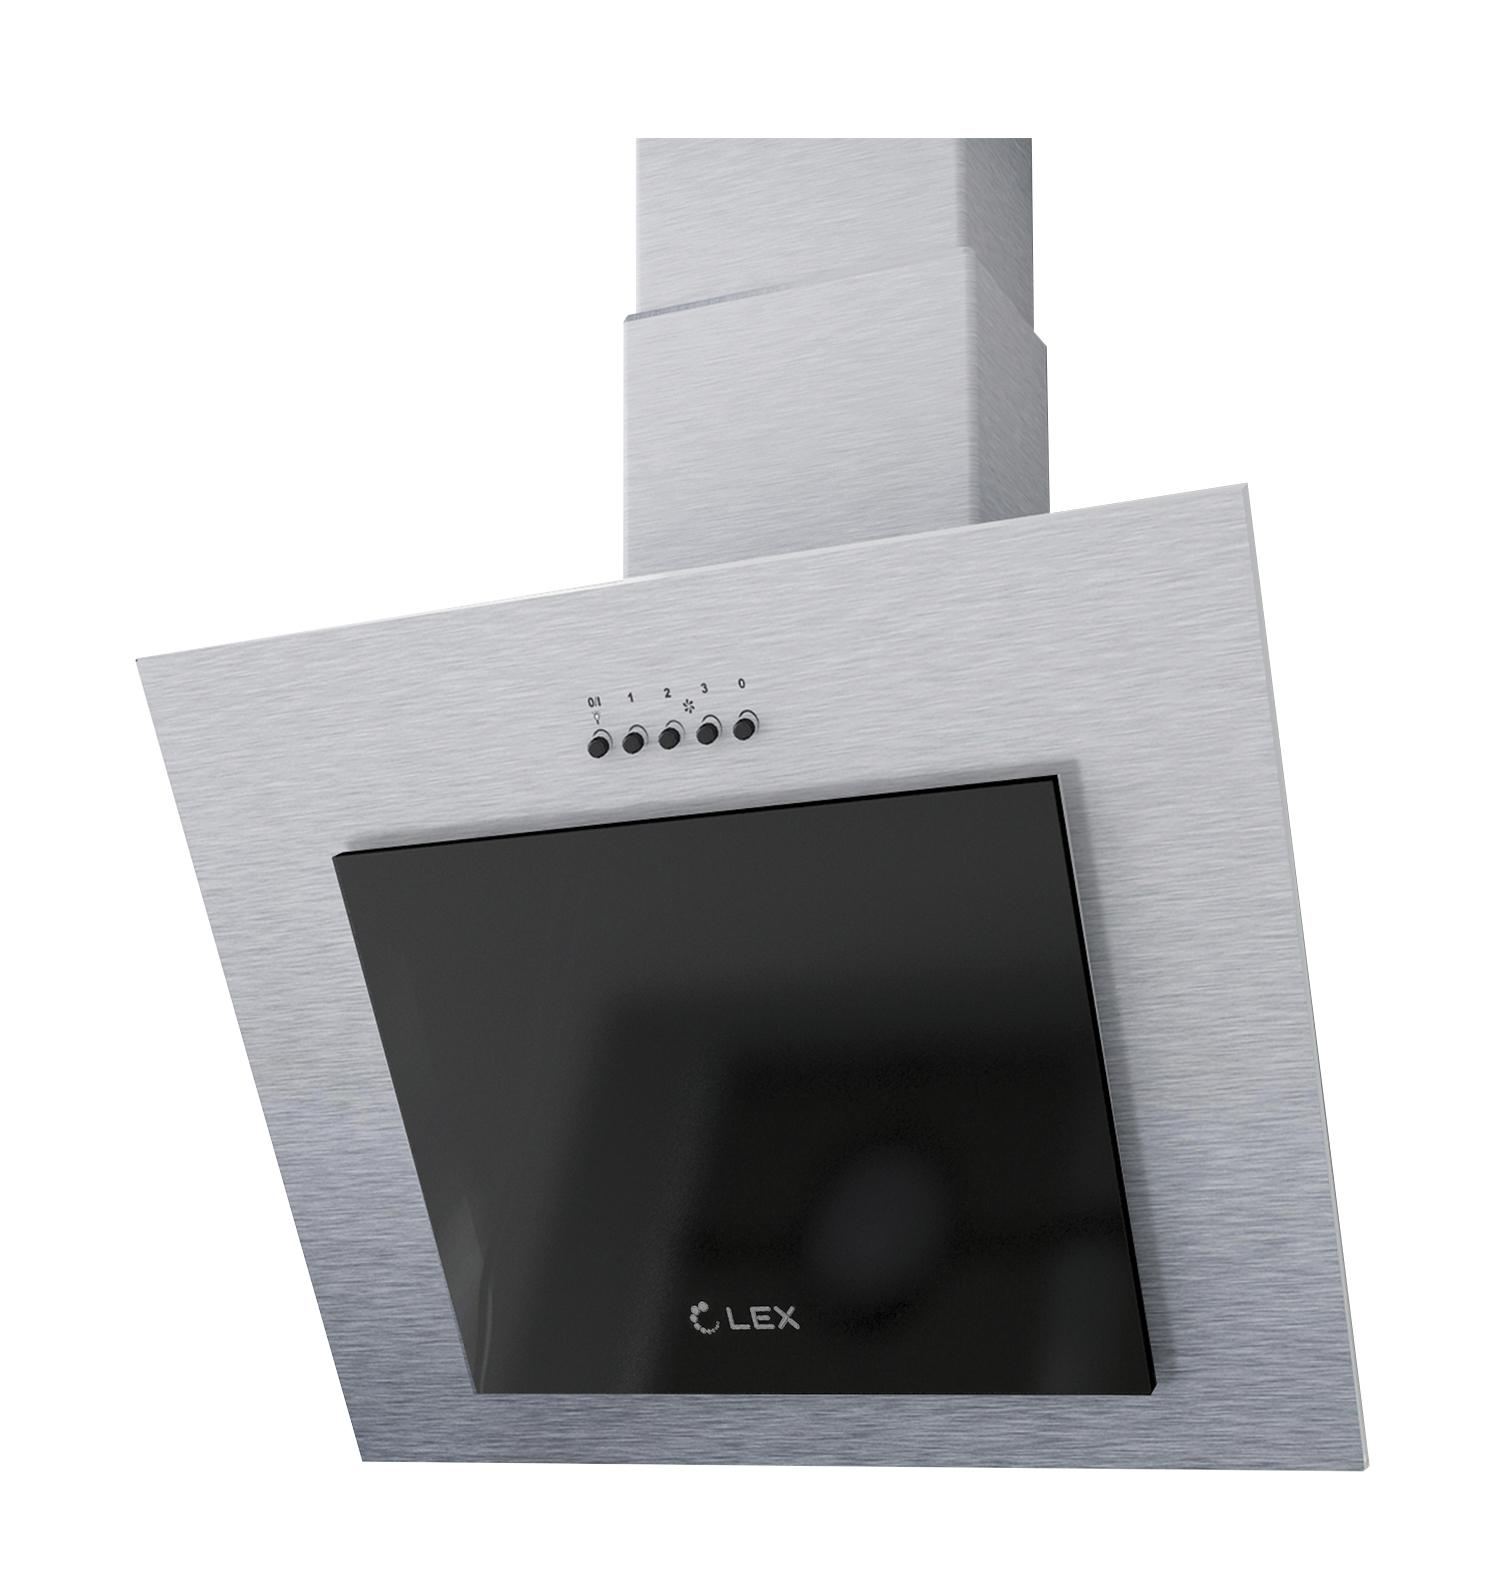 Наклонная вытяжка LEX MINI 600 INOX купить в СПБ